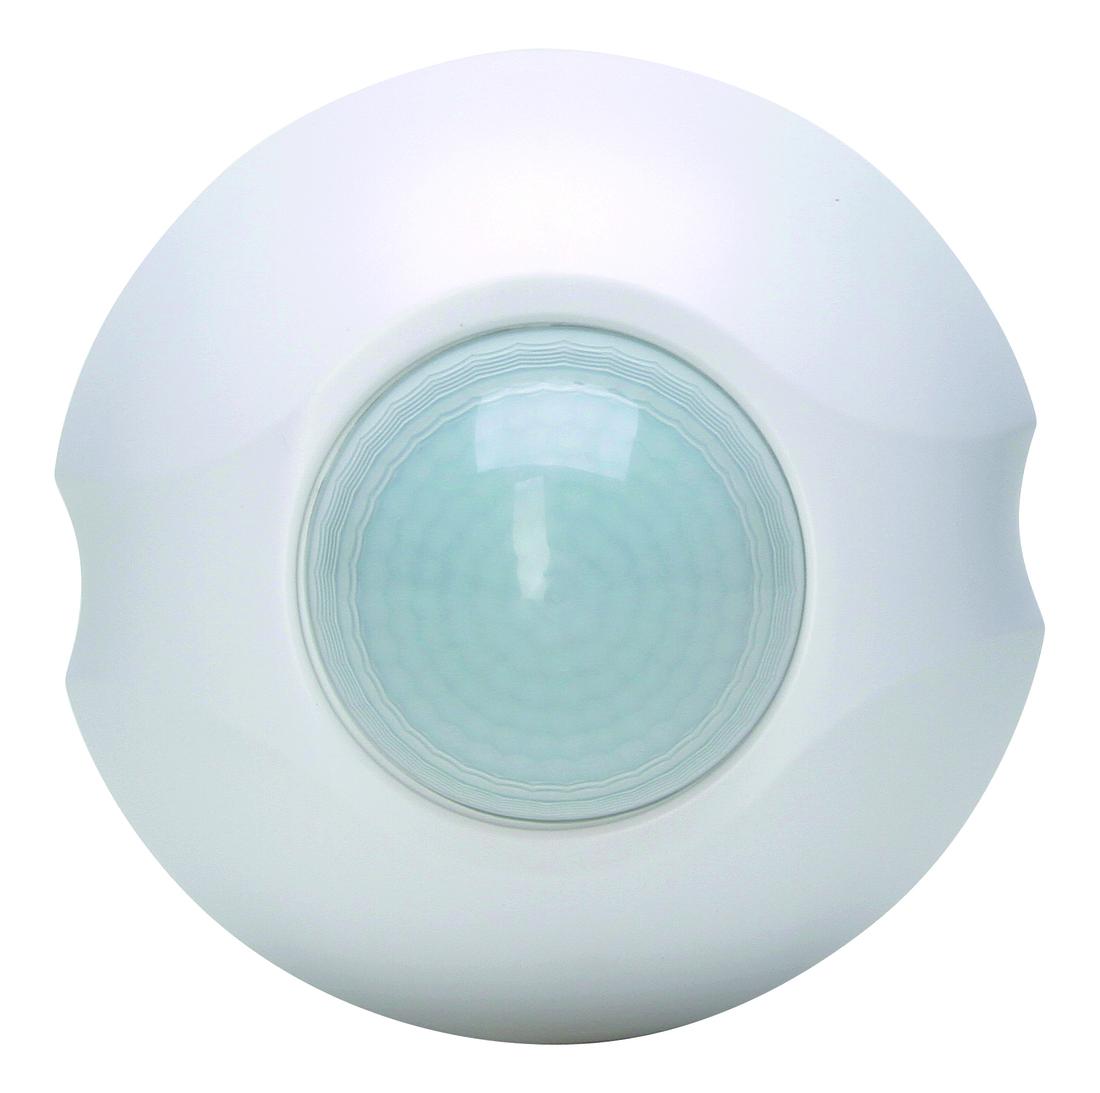 Kopp infracontrol pr-ap 360° aanwezigheidsmelder 3-draadsasting